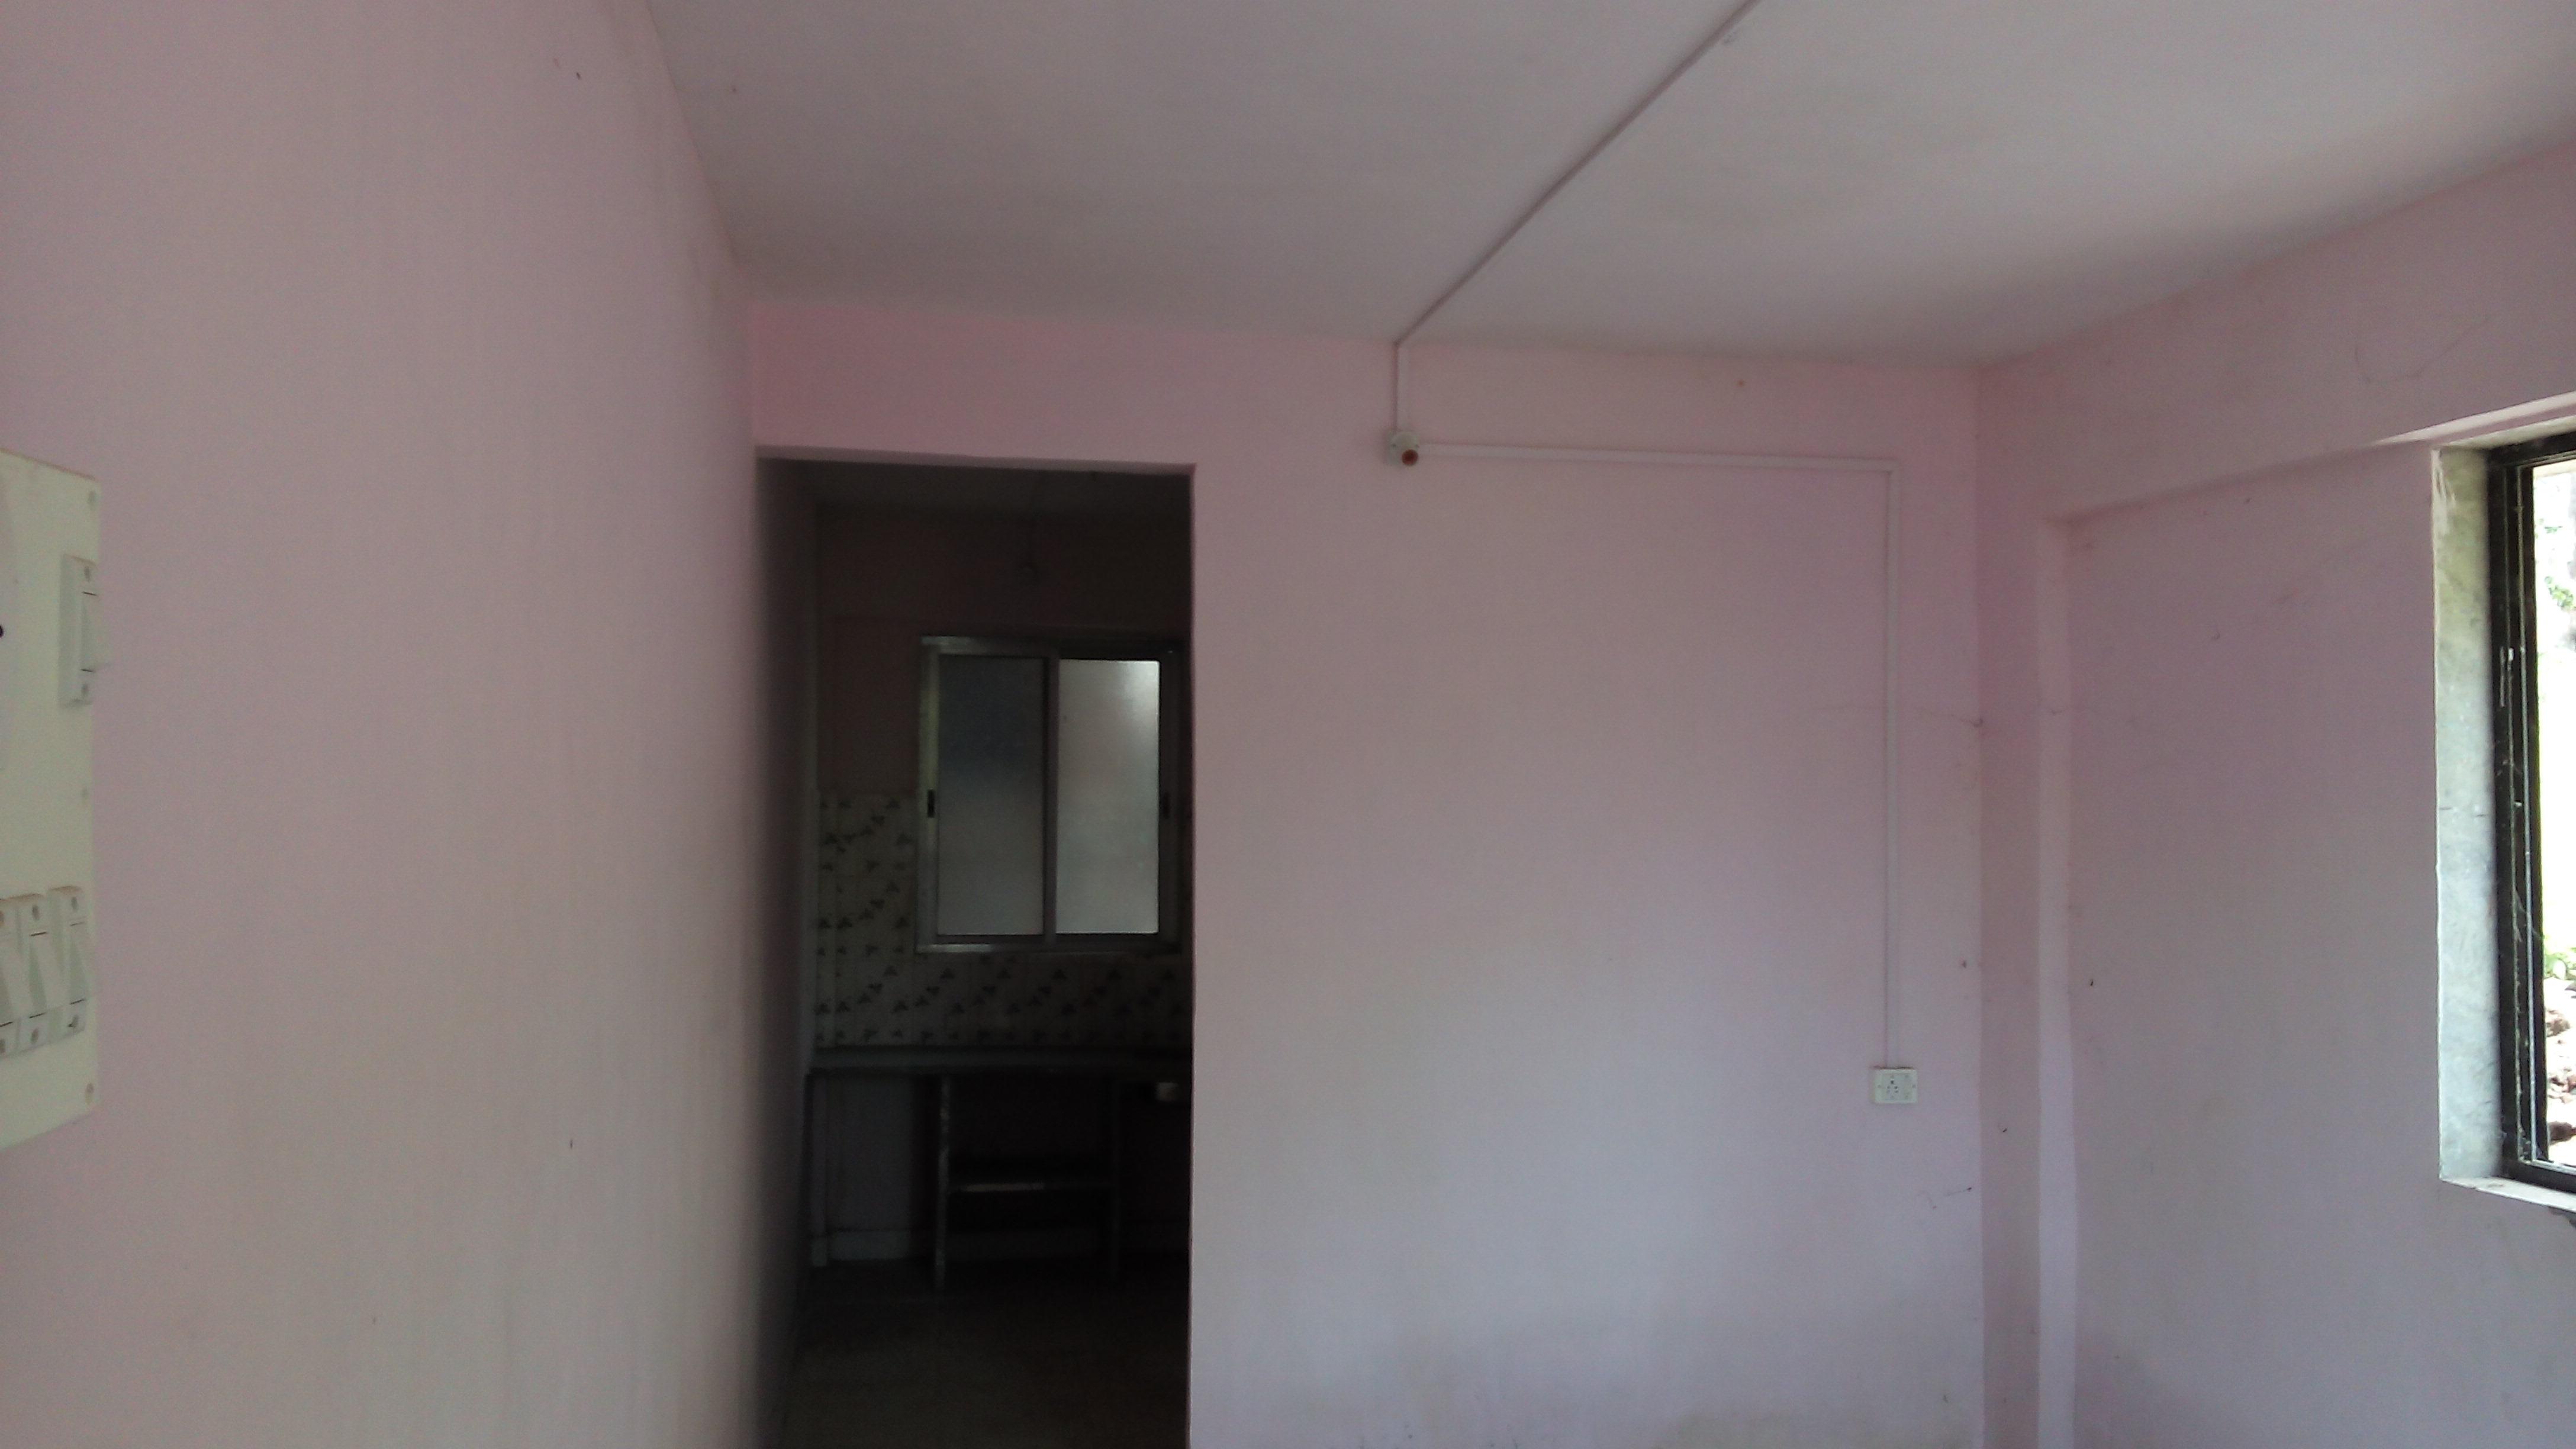 Residential Multistorey Apartment for Sale in Pratik Apt.Kopri Naka Chandan Sar Road Virar East., Virar-West, Mumbai